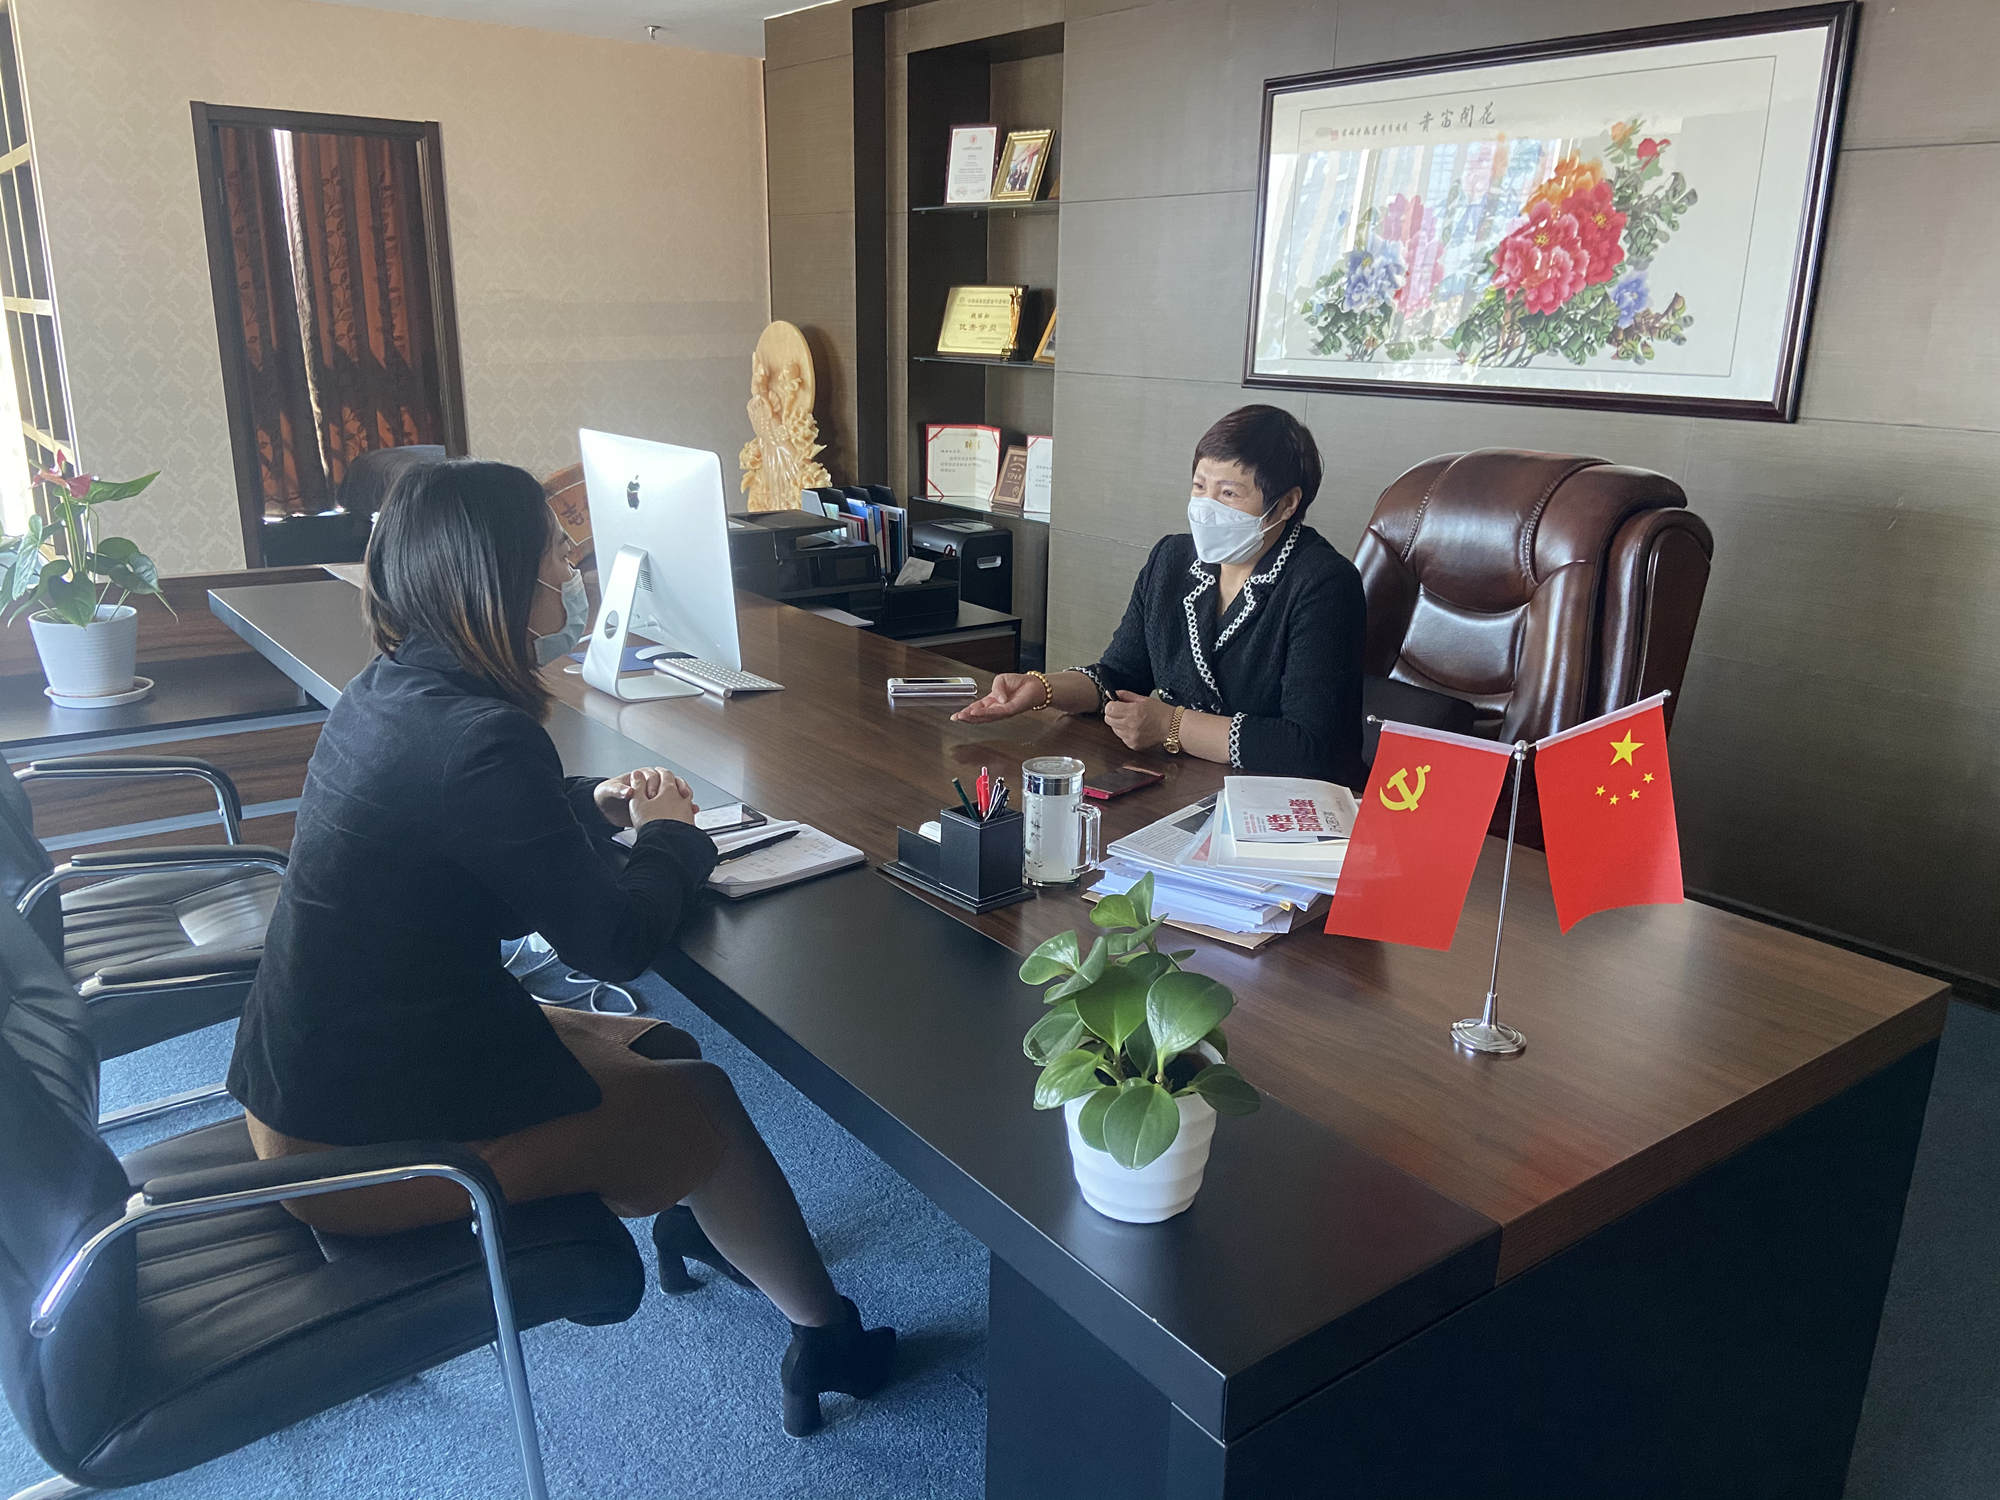 北京常氏鸿图集团企业新闻——集团董事长魏丽虹与企业高管就2020年集团发展方向进行会议商讨